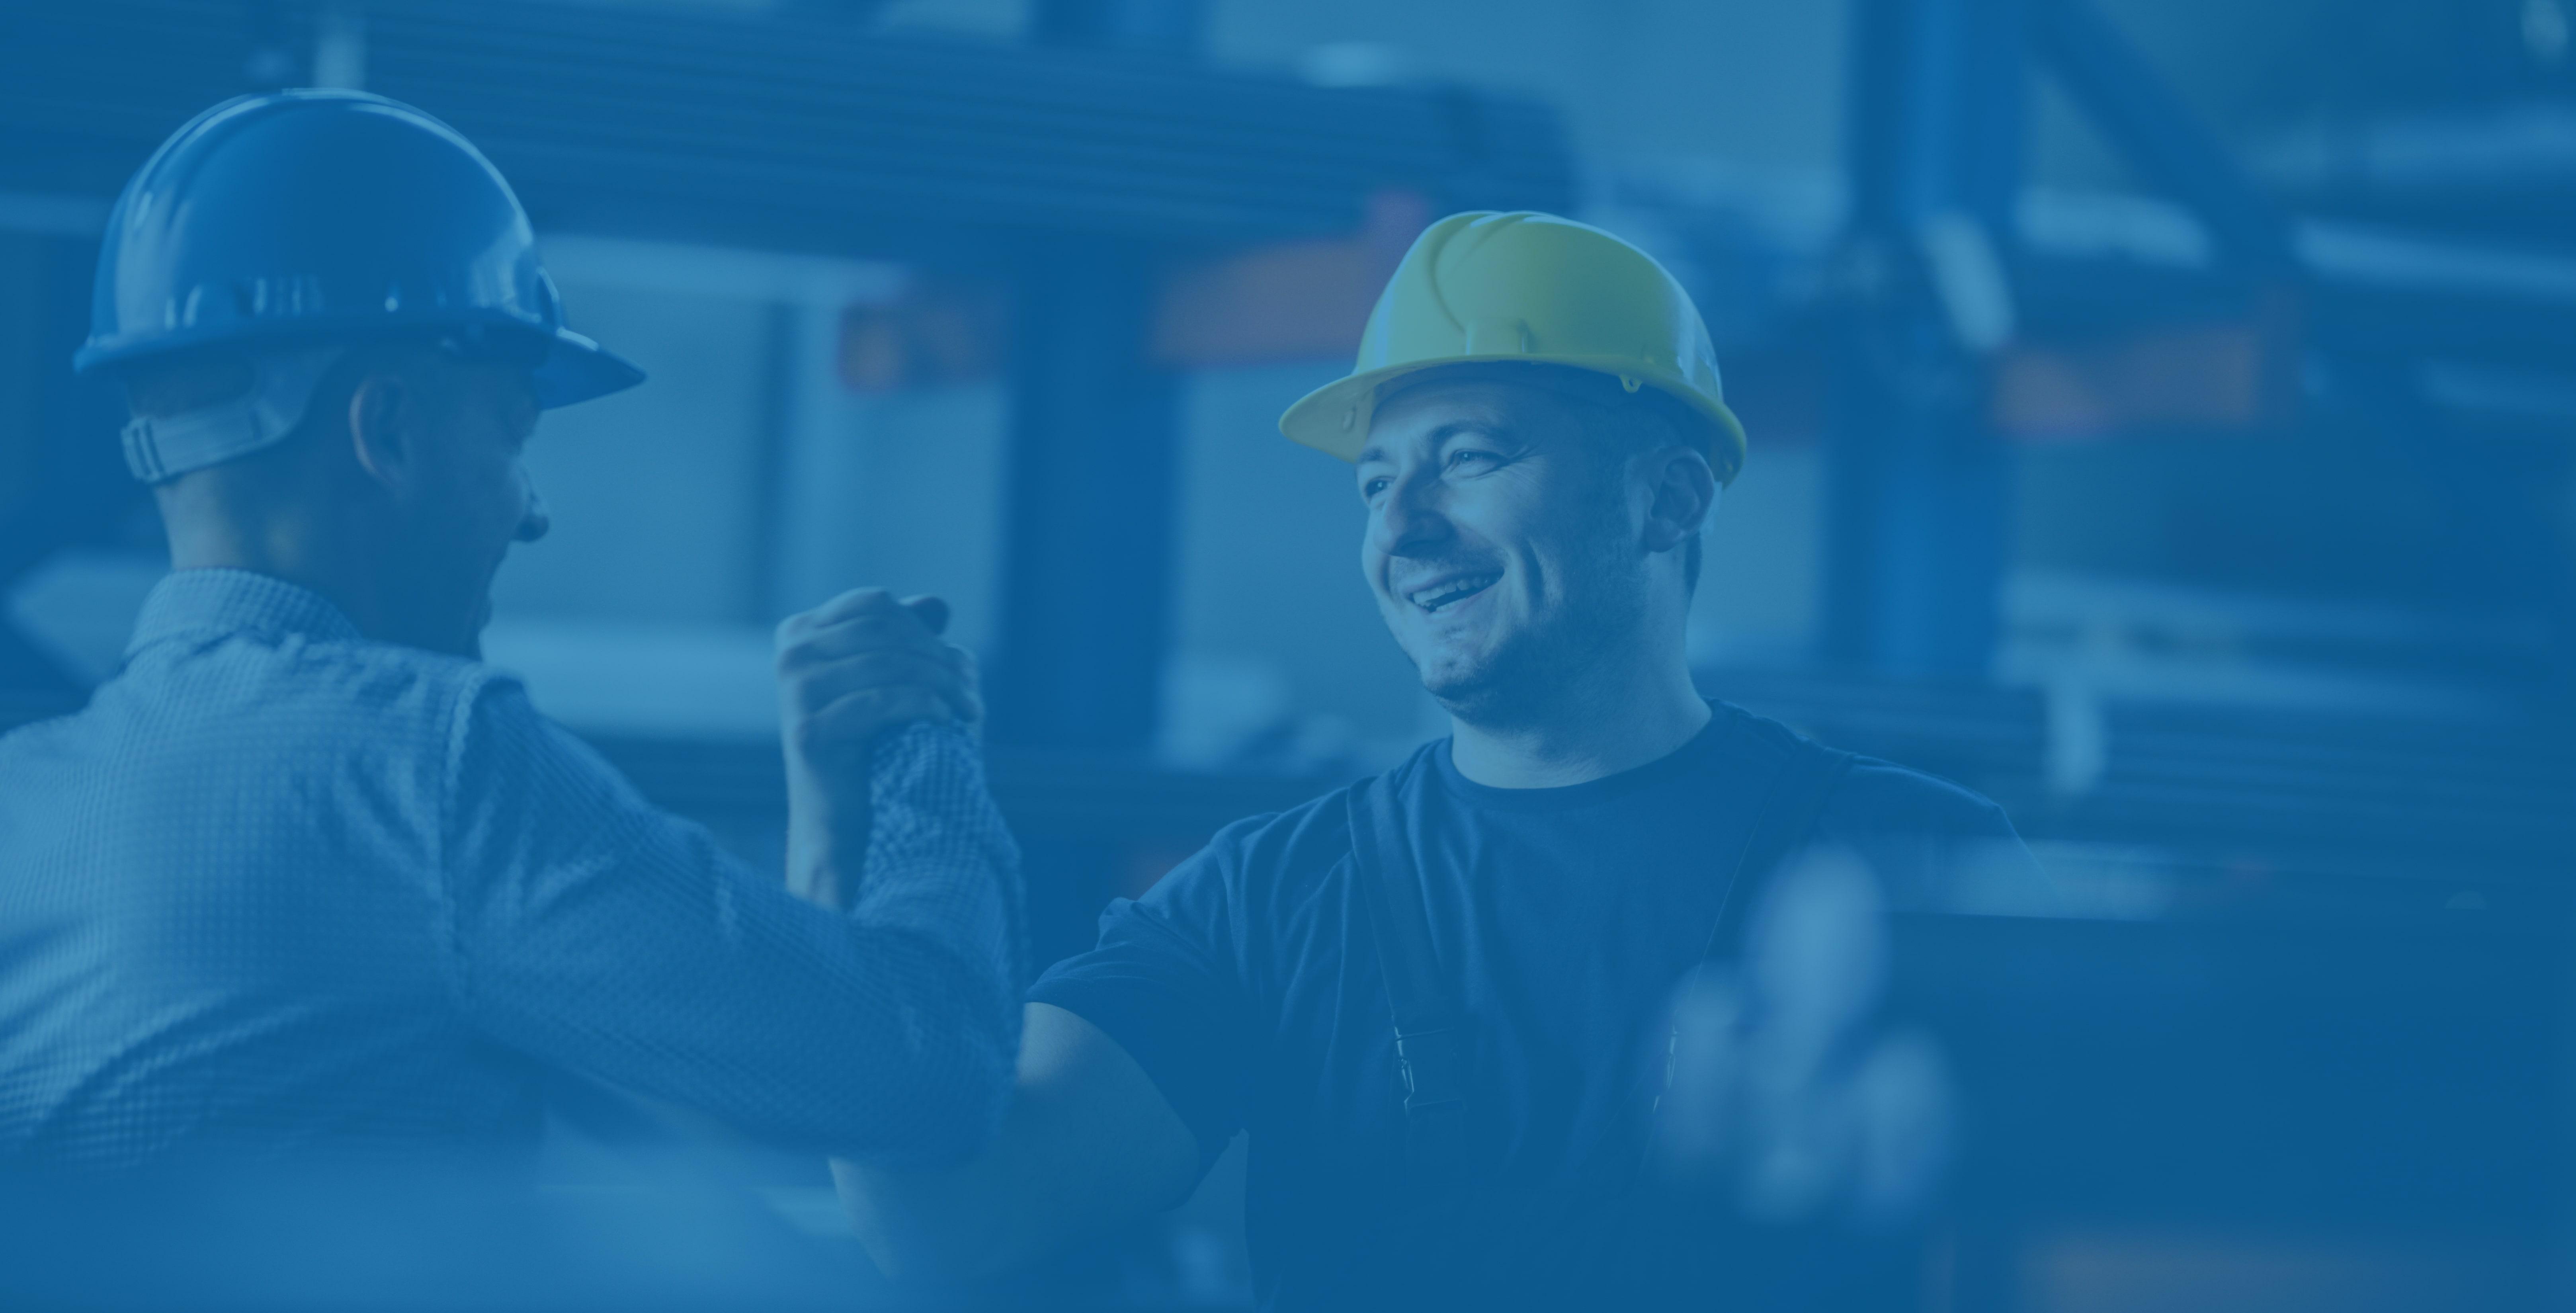 Zwei männliche Lagerarbeiter mittleren Alters in Schutzhelmen reichen sich die Hände und lächeln zur Feier eines gelungenen Jobs.